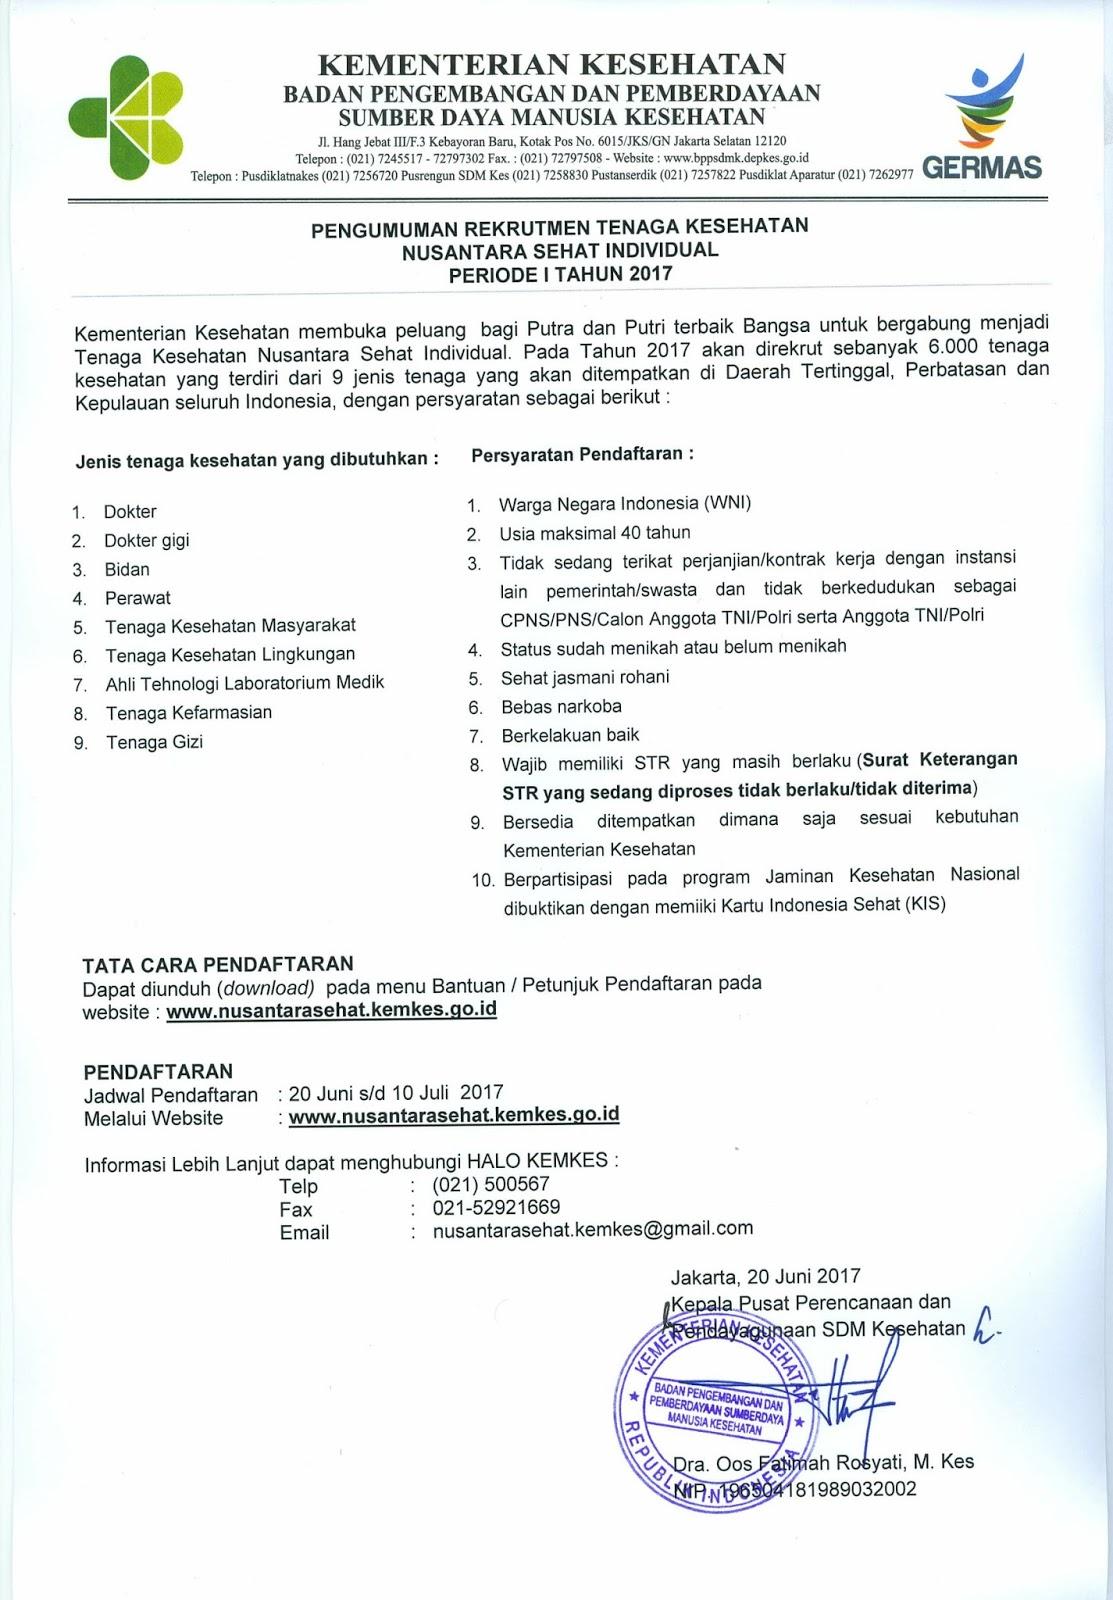 Lowongan Pekerjaan: Rekrutmen Tenaga Kesehatan Nusantara Periode 1 2017